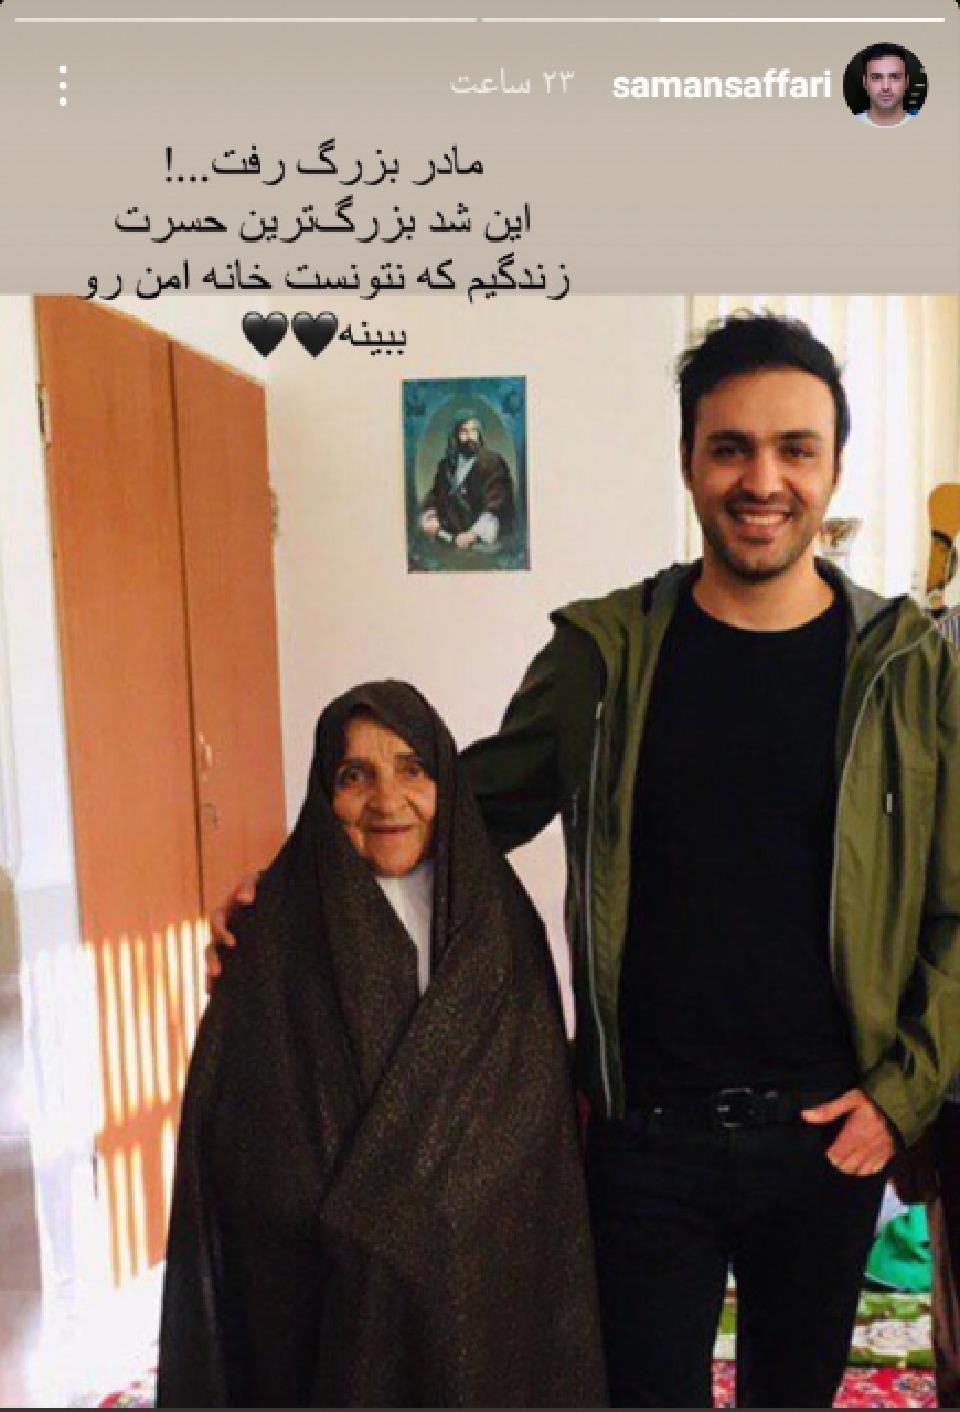 سامان صفاری و مادربزرگش